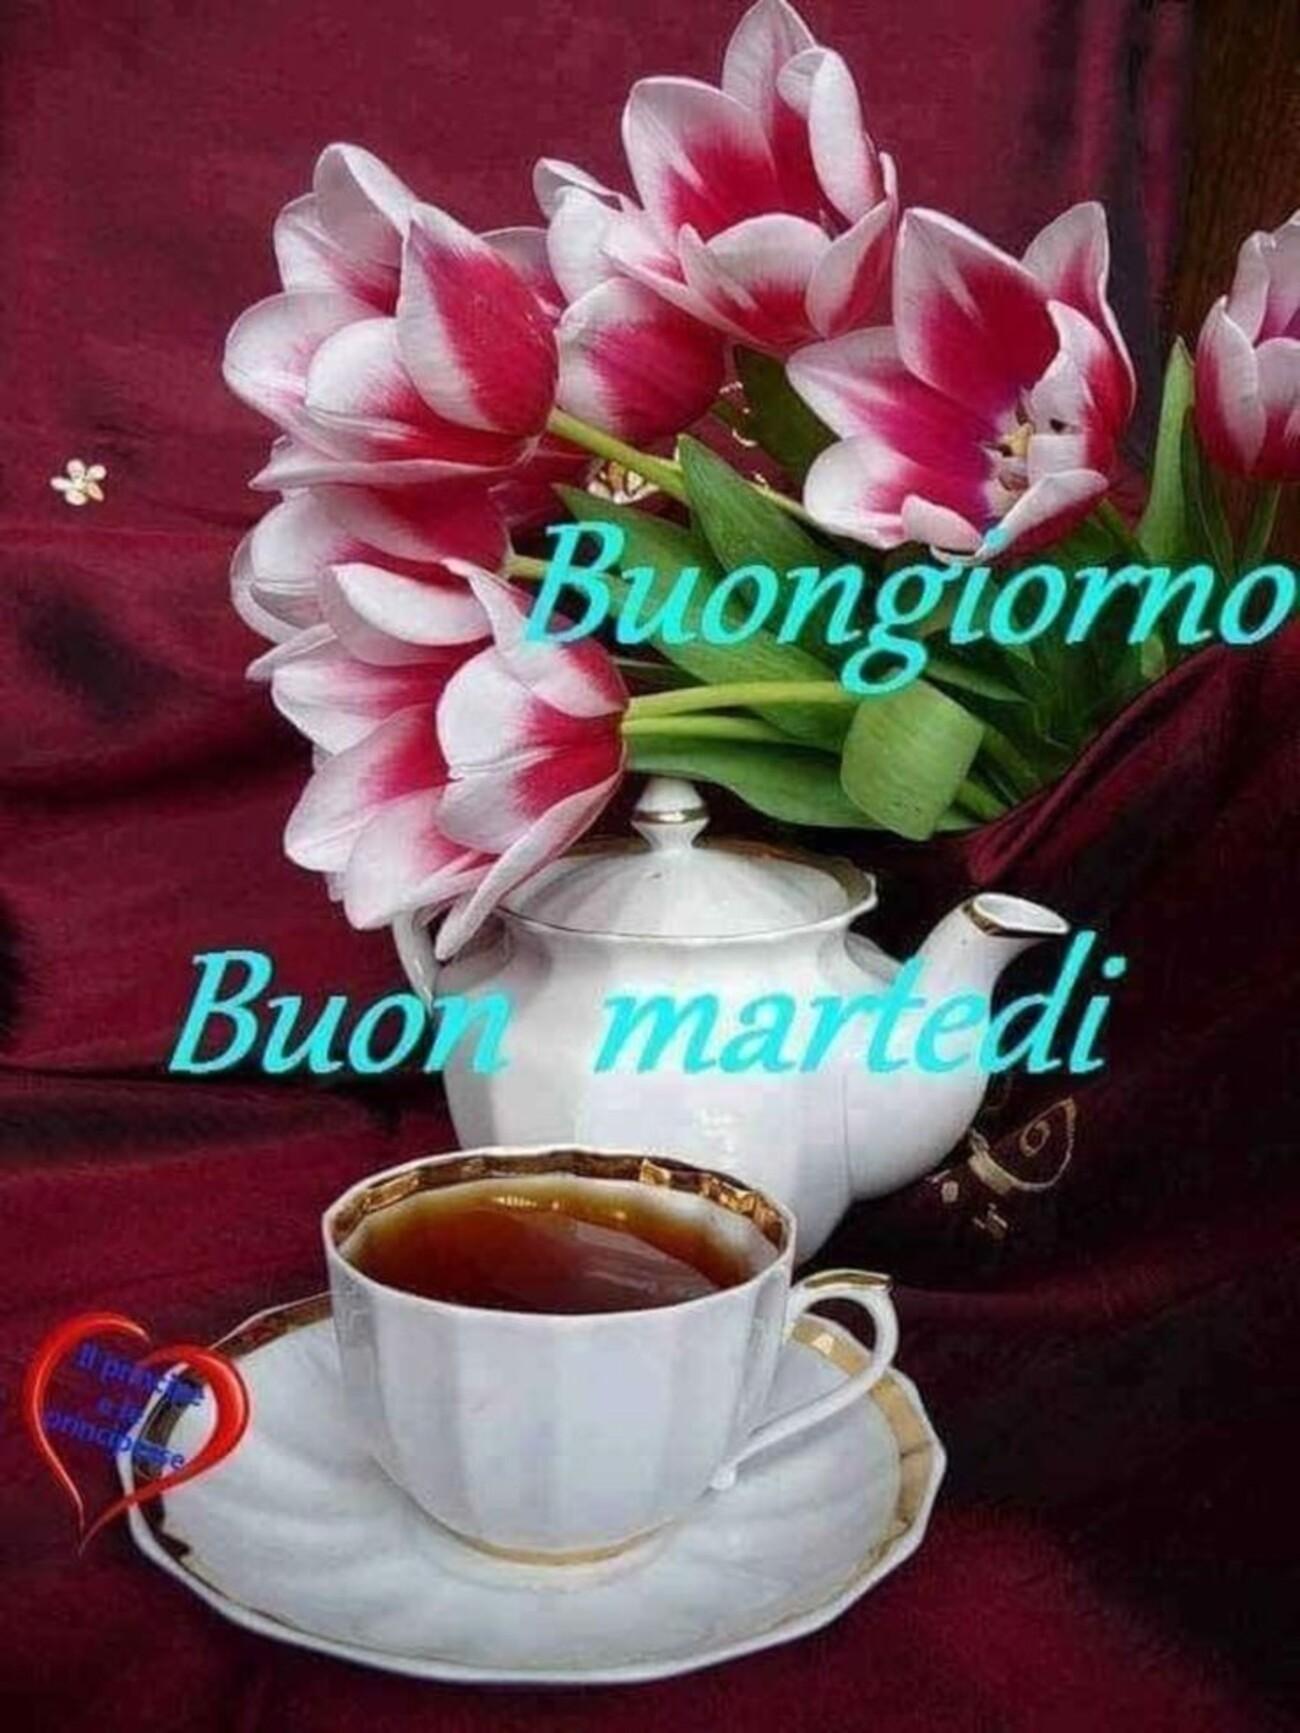 Buongiorno e Buon Martedì